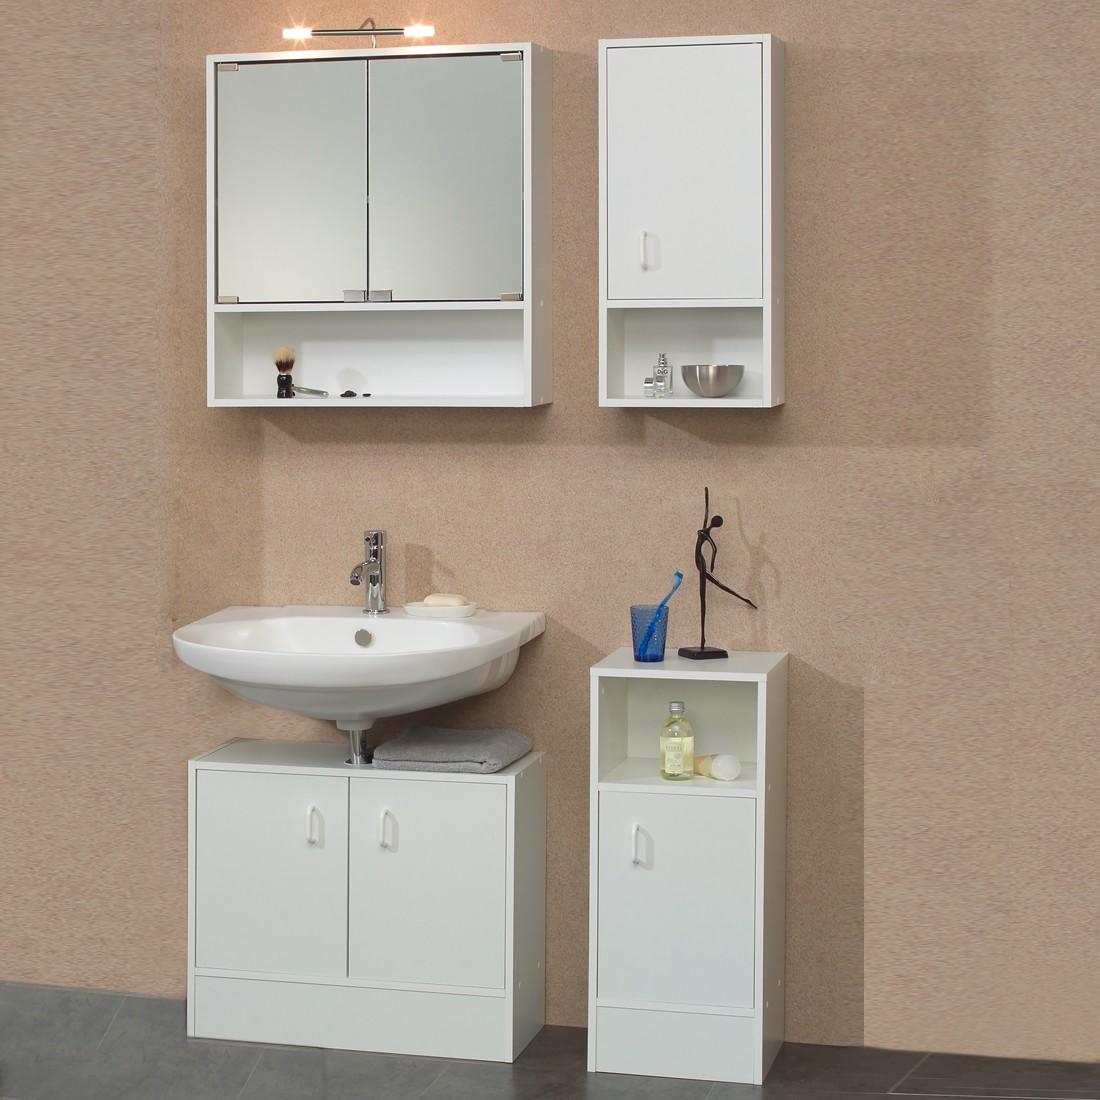 Mobili da bagno set lazio prezzo e offerte sottocosto - Offerte mobili da bagno ...